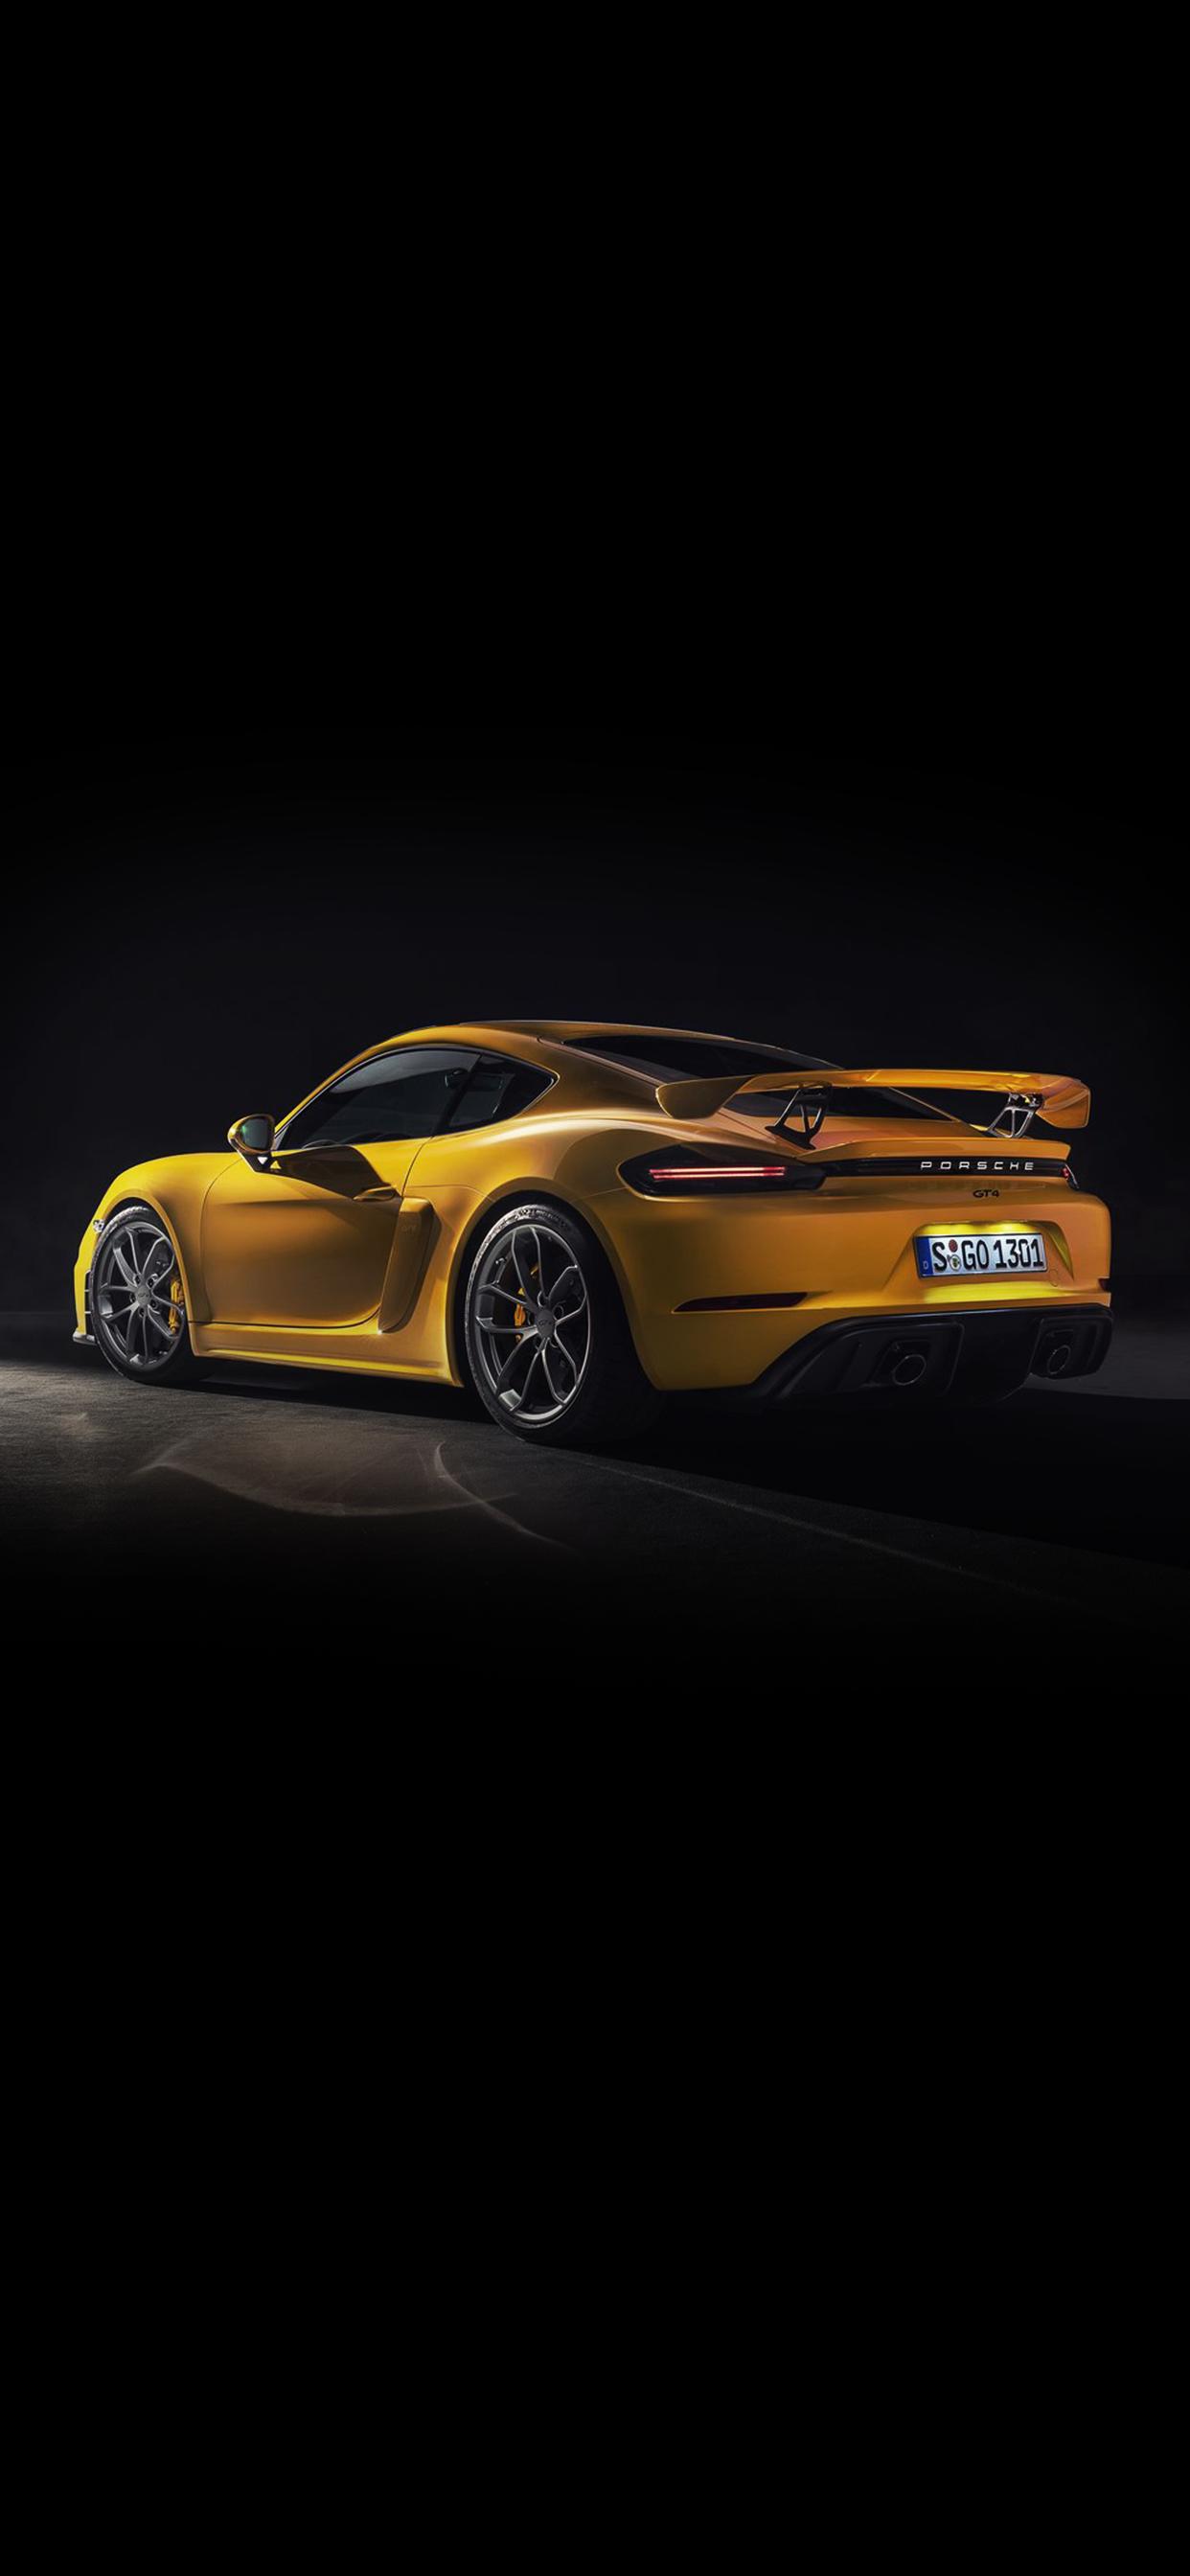 2020 Porsche 718 Cayman Gt Wallpapers Wallpaper Cave